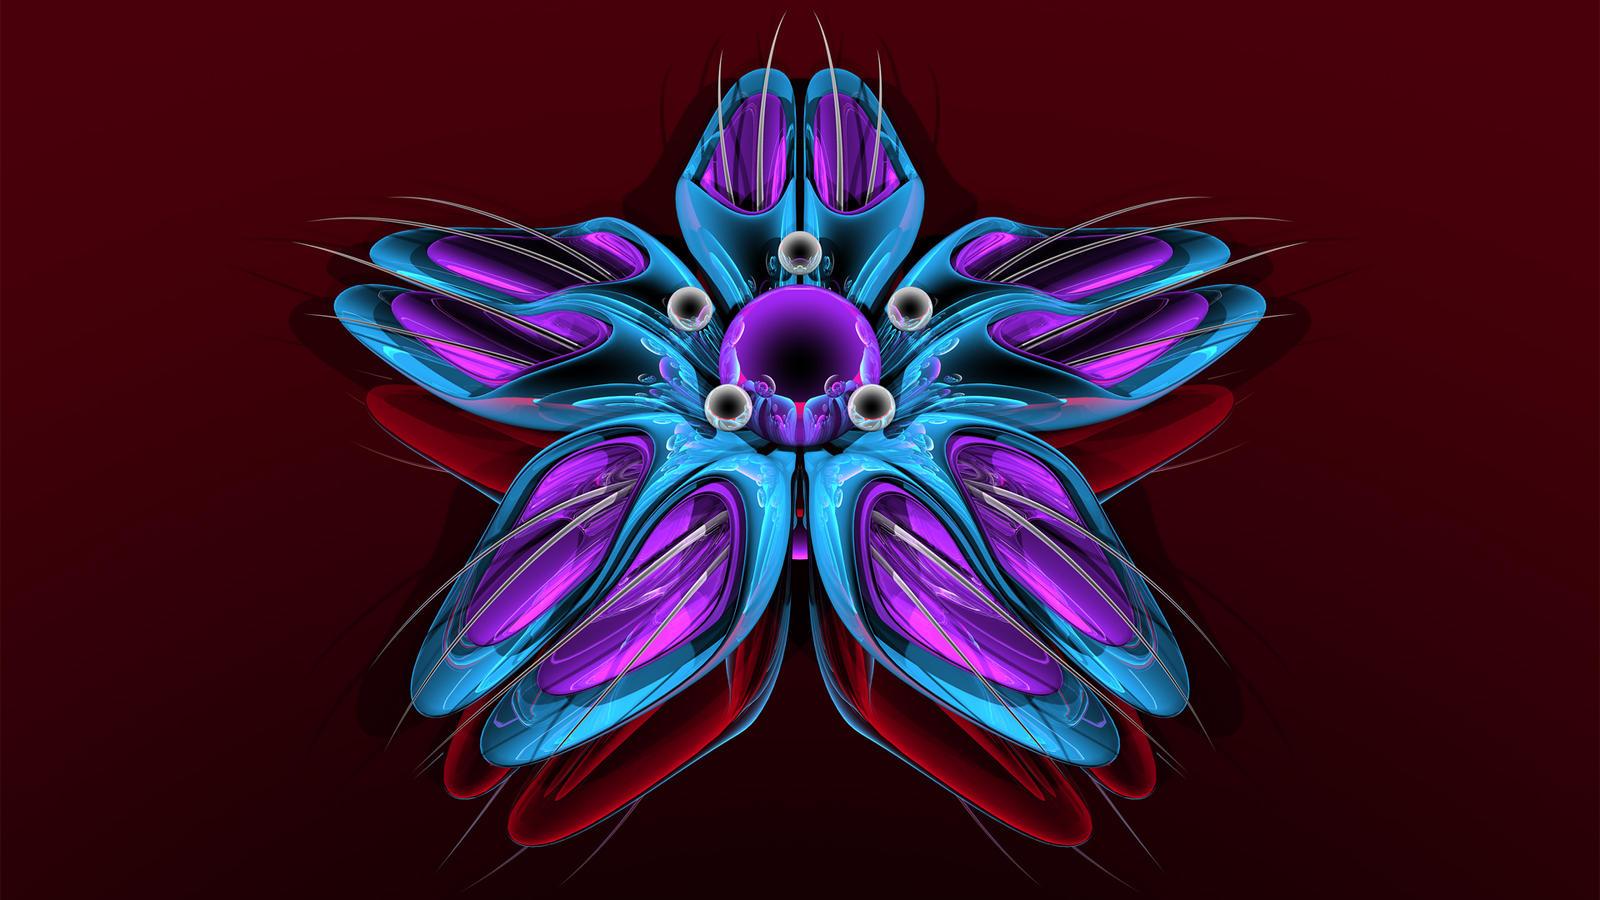 ressemble a une fleur by TylerXy